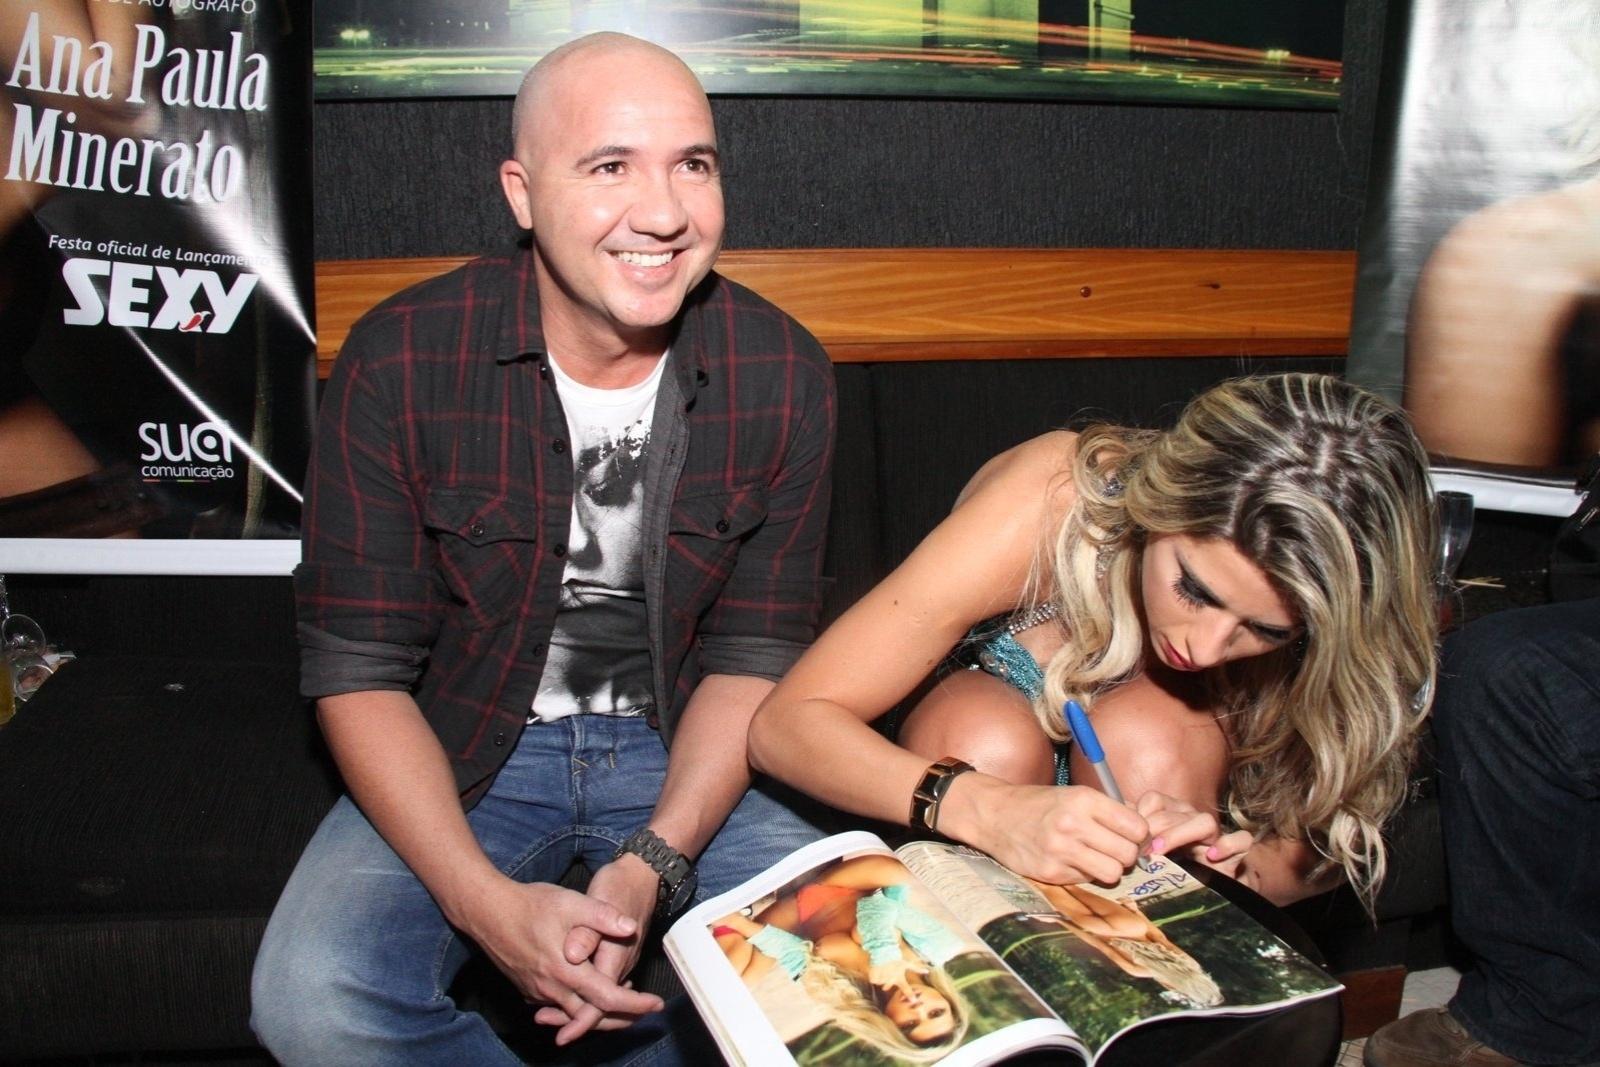 2.ago.2014  - Ana Paula Minerato distribuiu autógrafos na boate La Passion, no centro do Rio de Janeiro. Em entrevista ao Ego, a musa disse estar satisfeita com o trabalho sensual para a publicação: